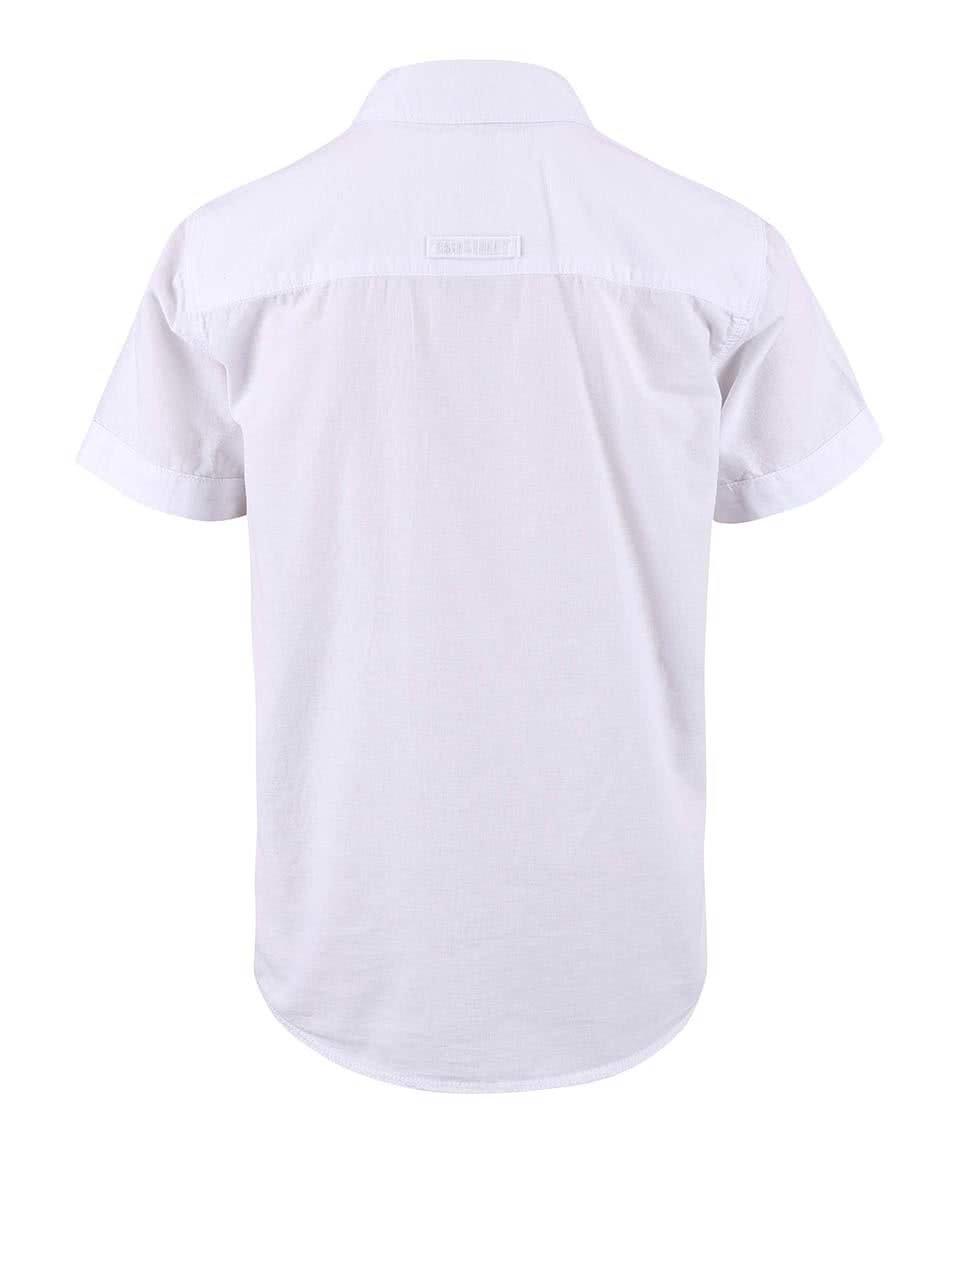 163e339dd8e5 Biela chlapčenská košeľa s krátkym rukávom name it Gerbert ...